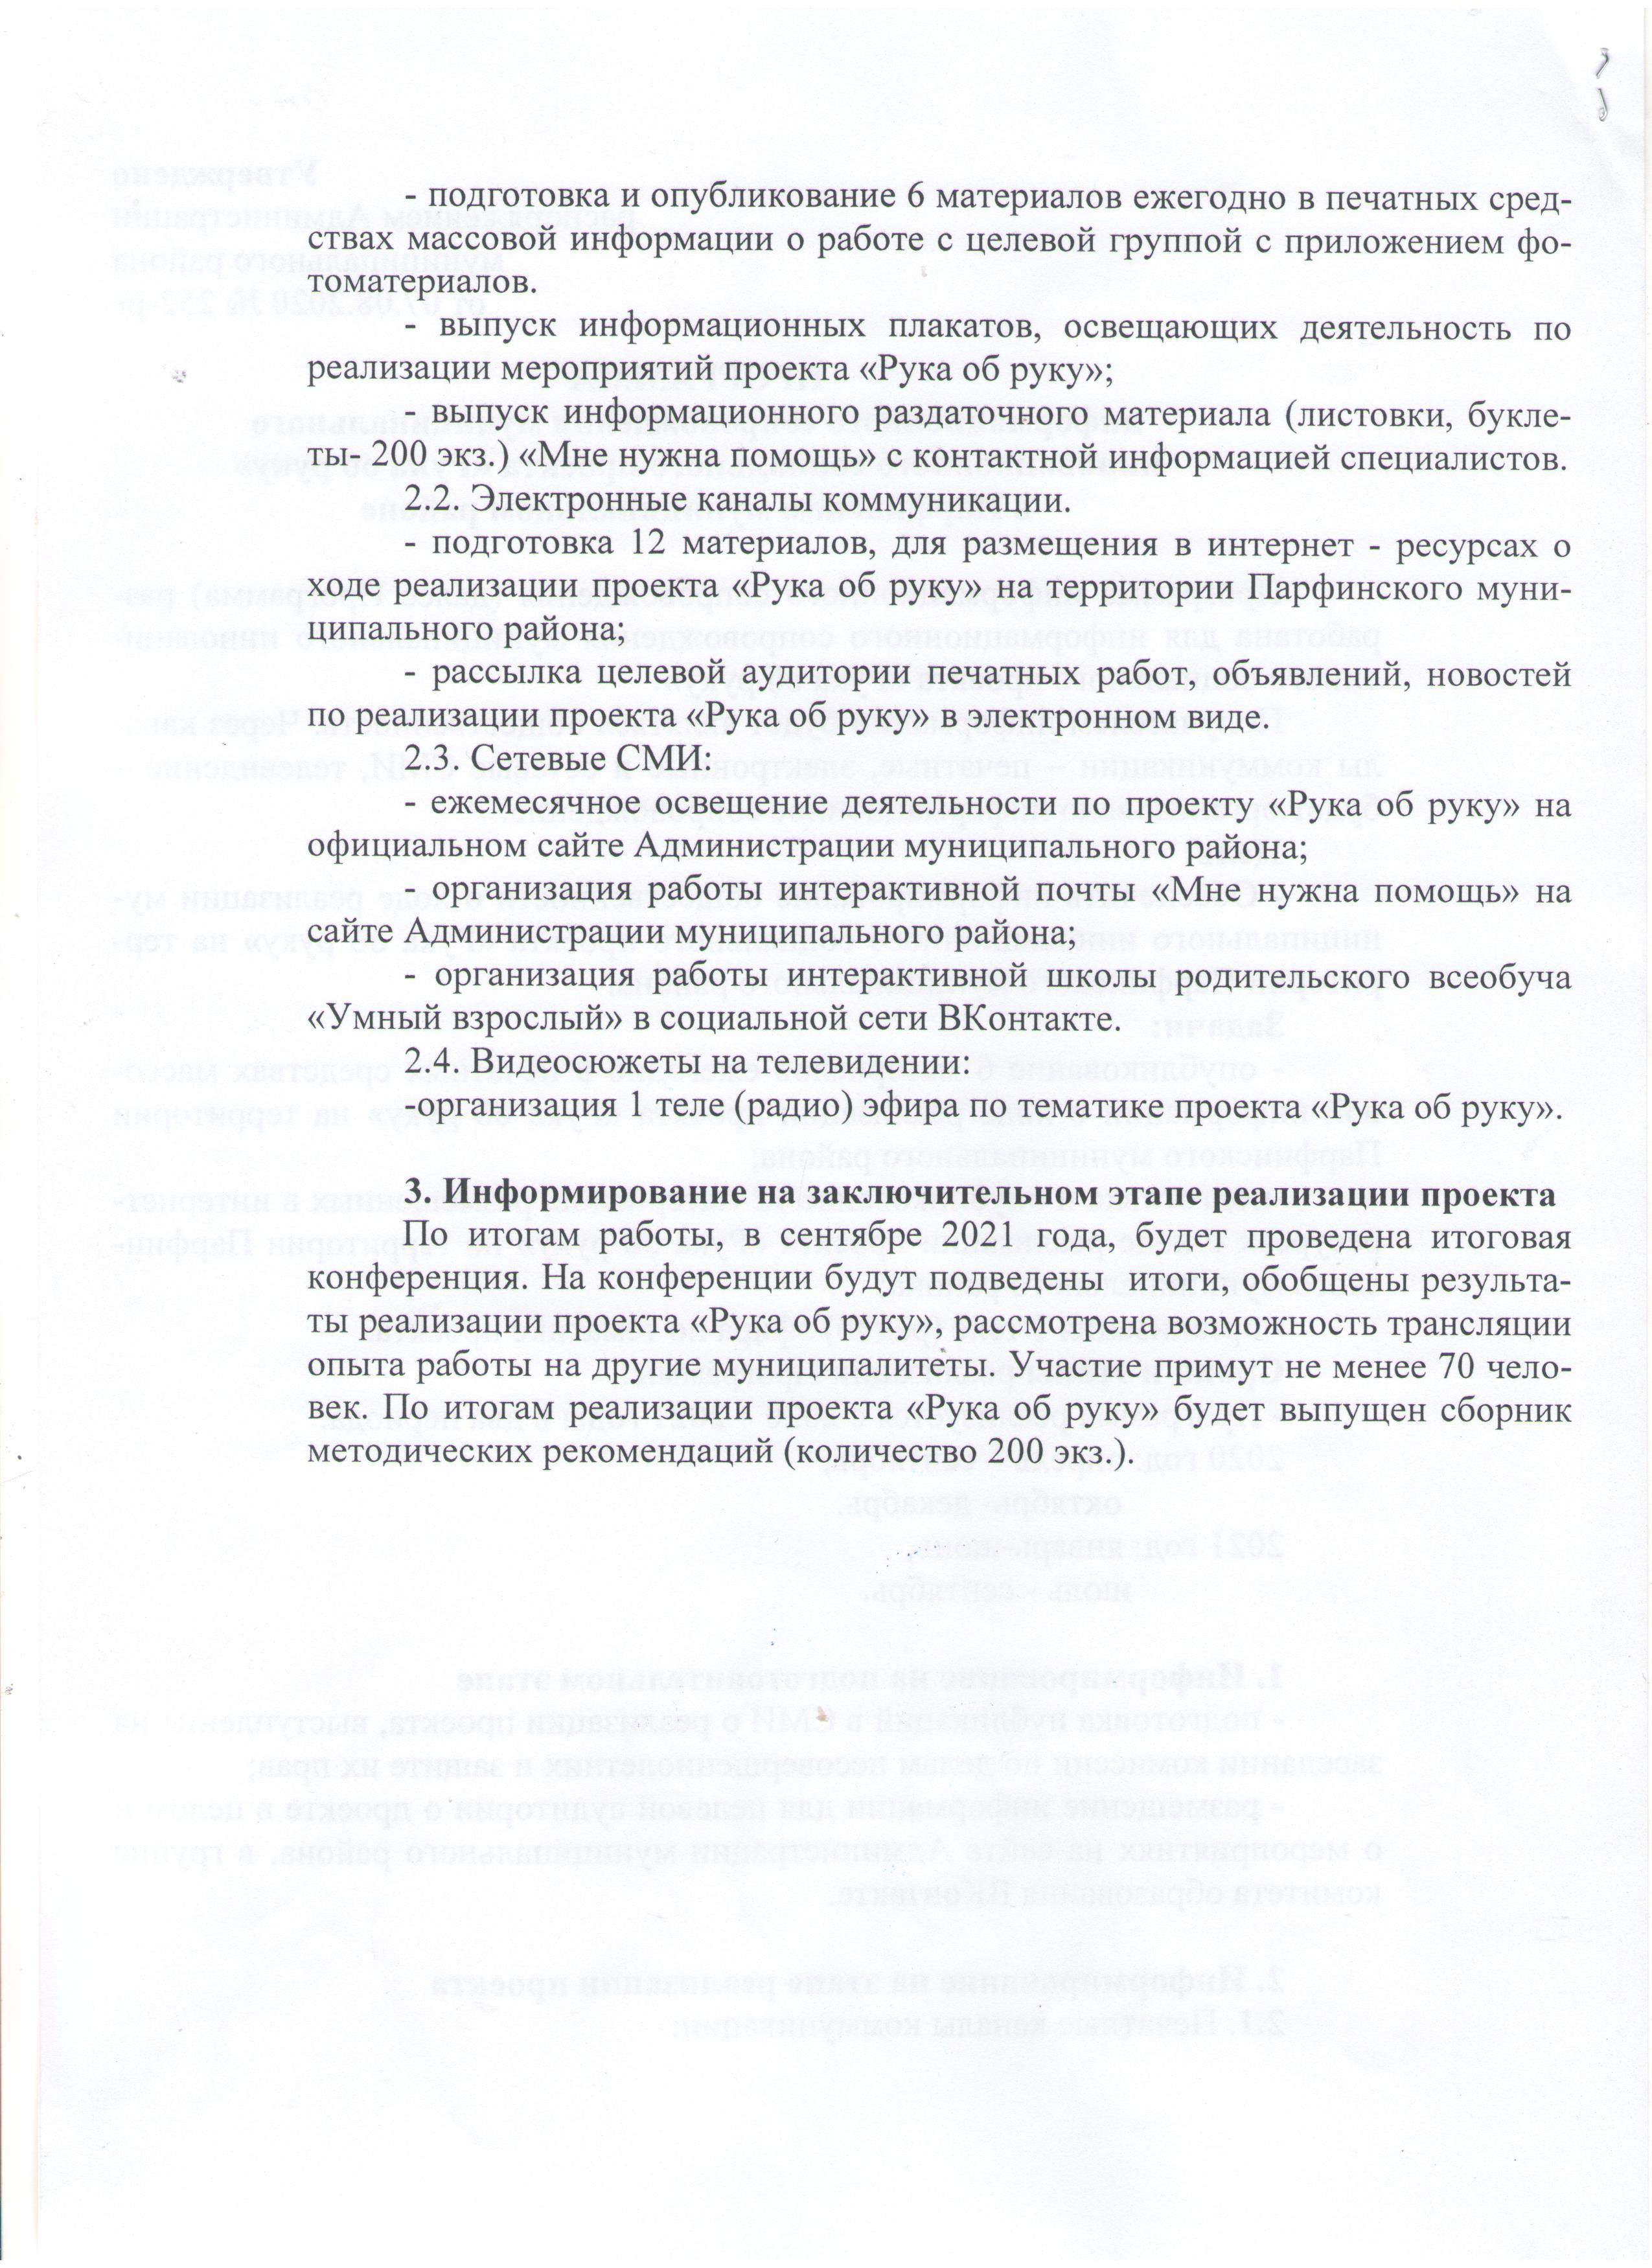 Image (3) (2)